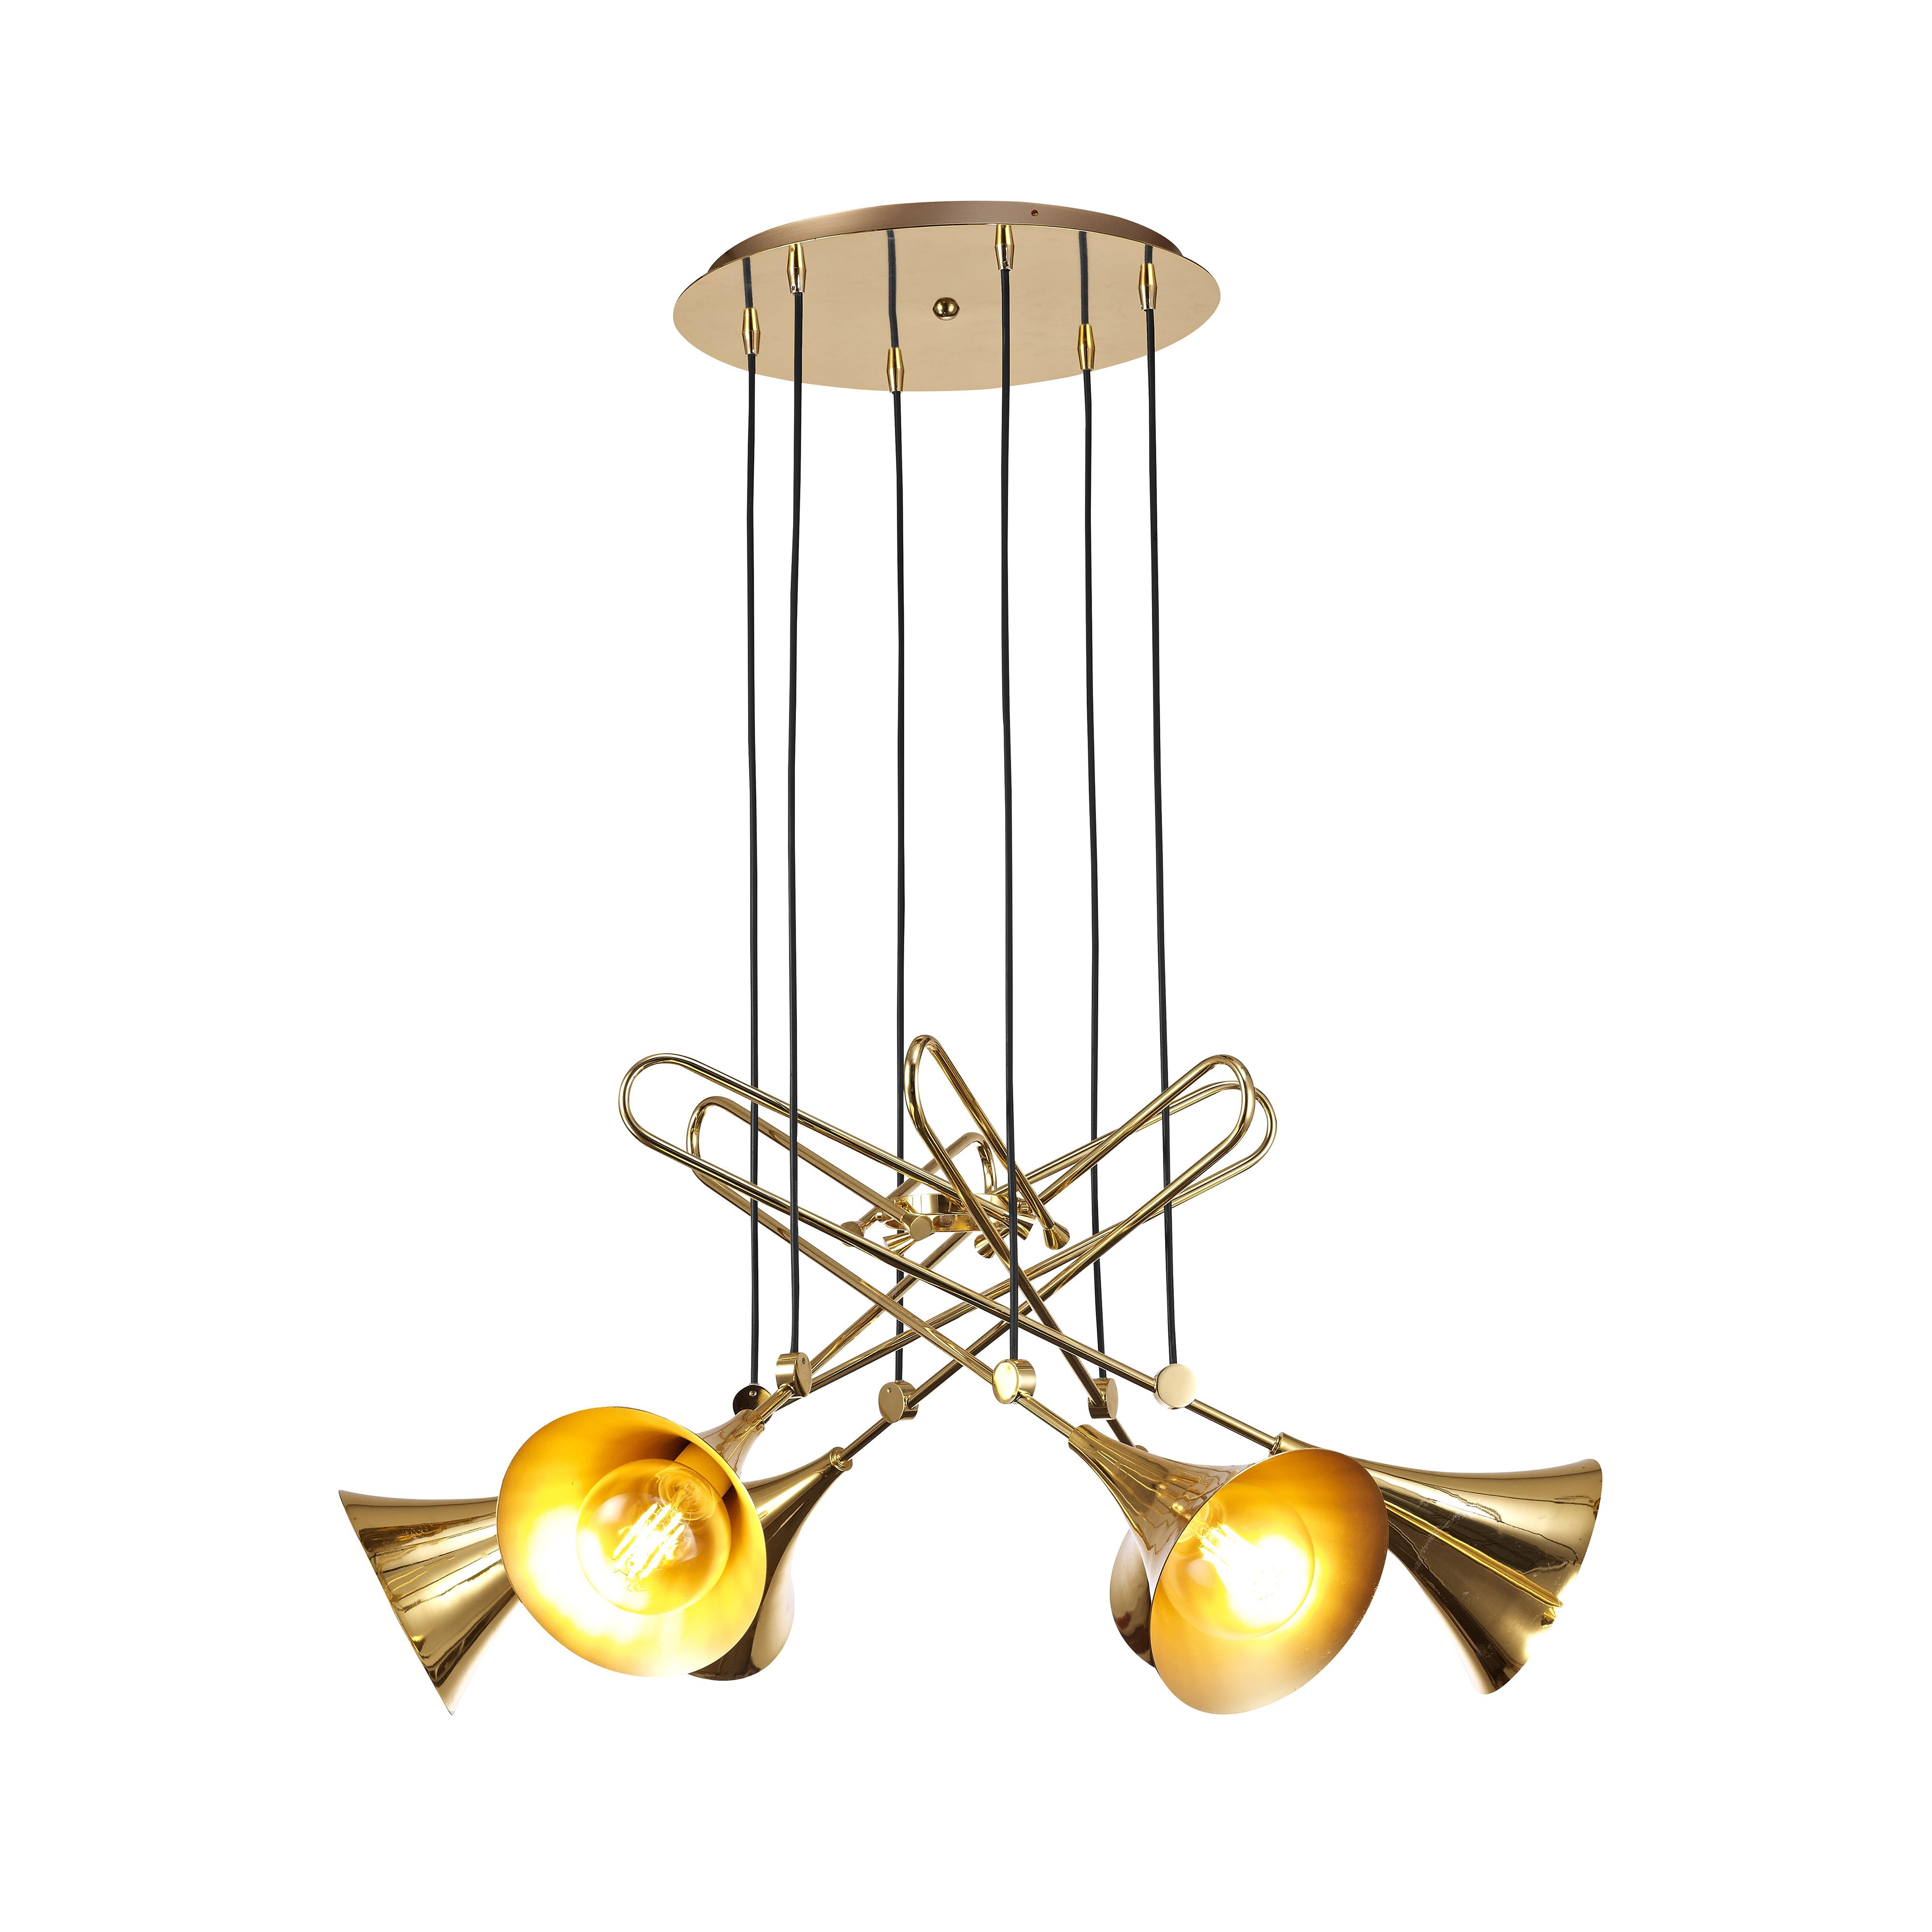 Подвесная люстра Mantra Jazz 5895, золото, металл - фото 1